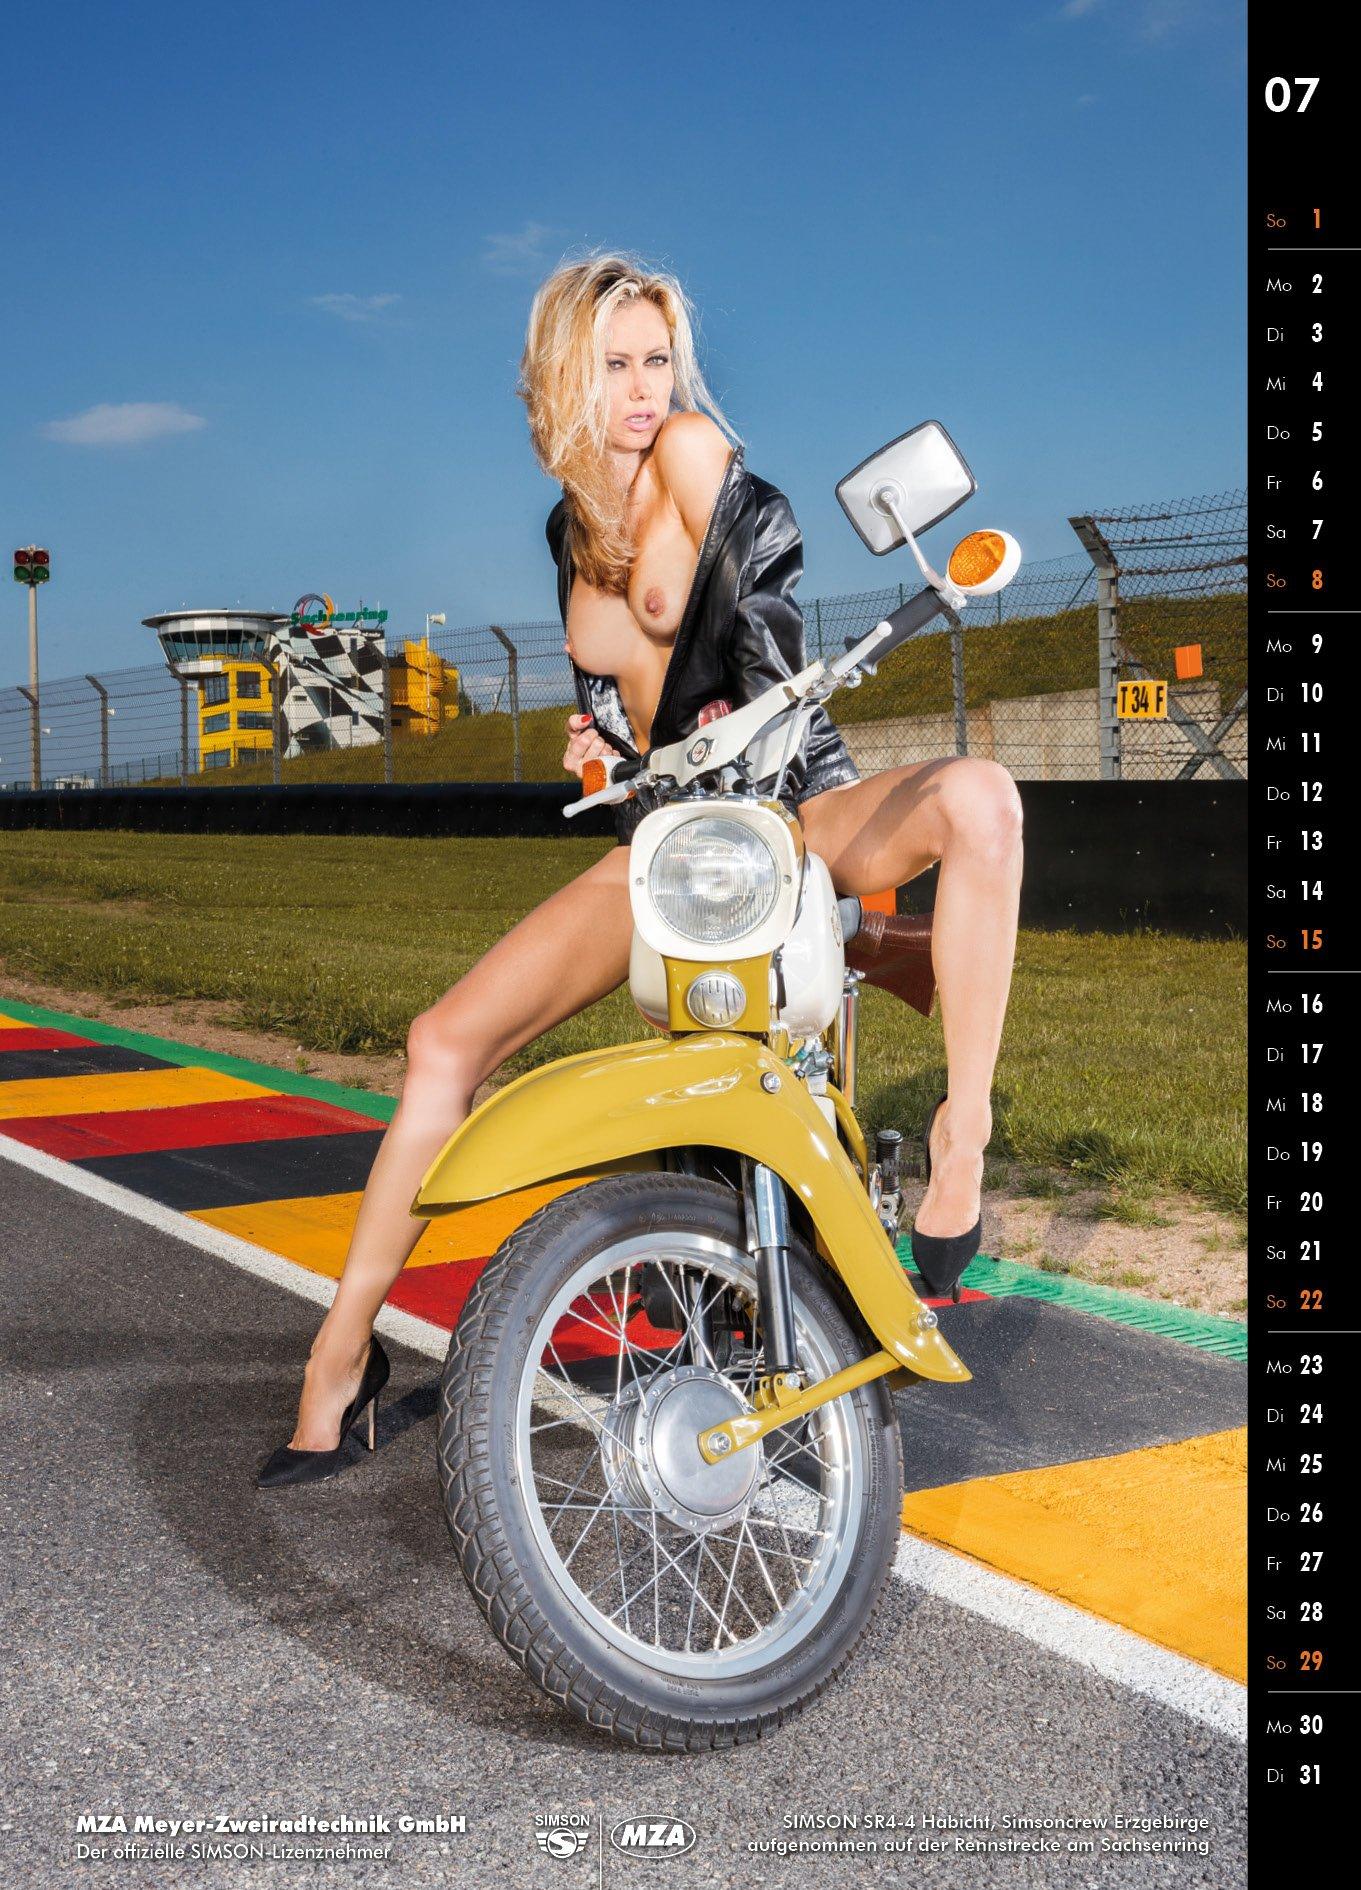 erotik kalender 2017